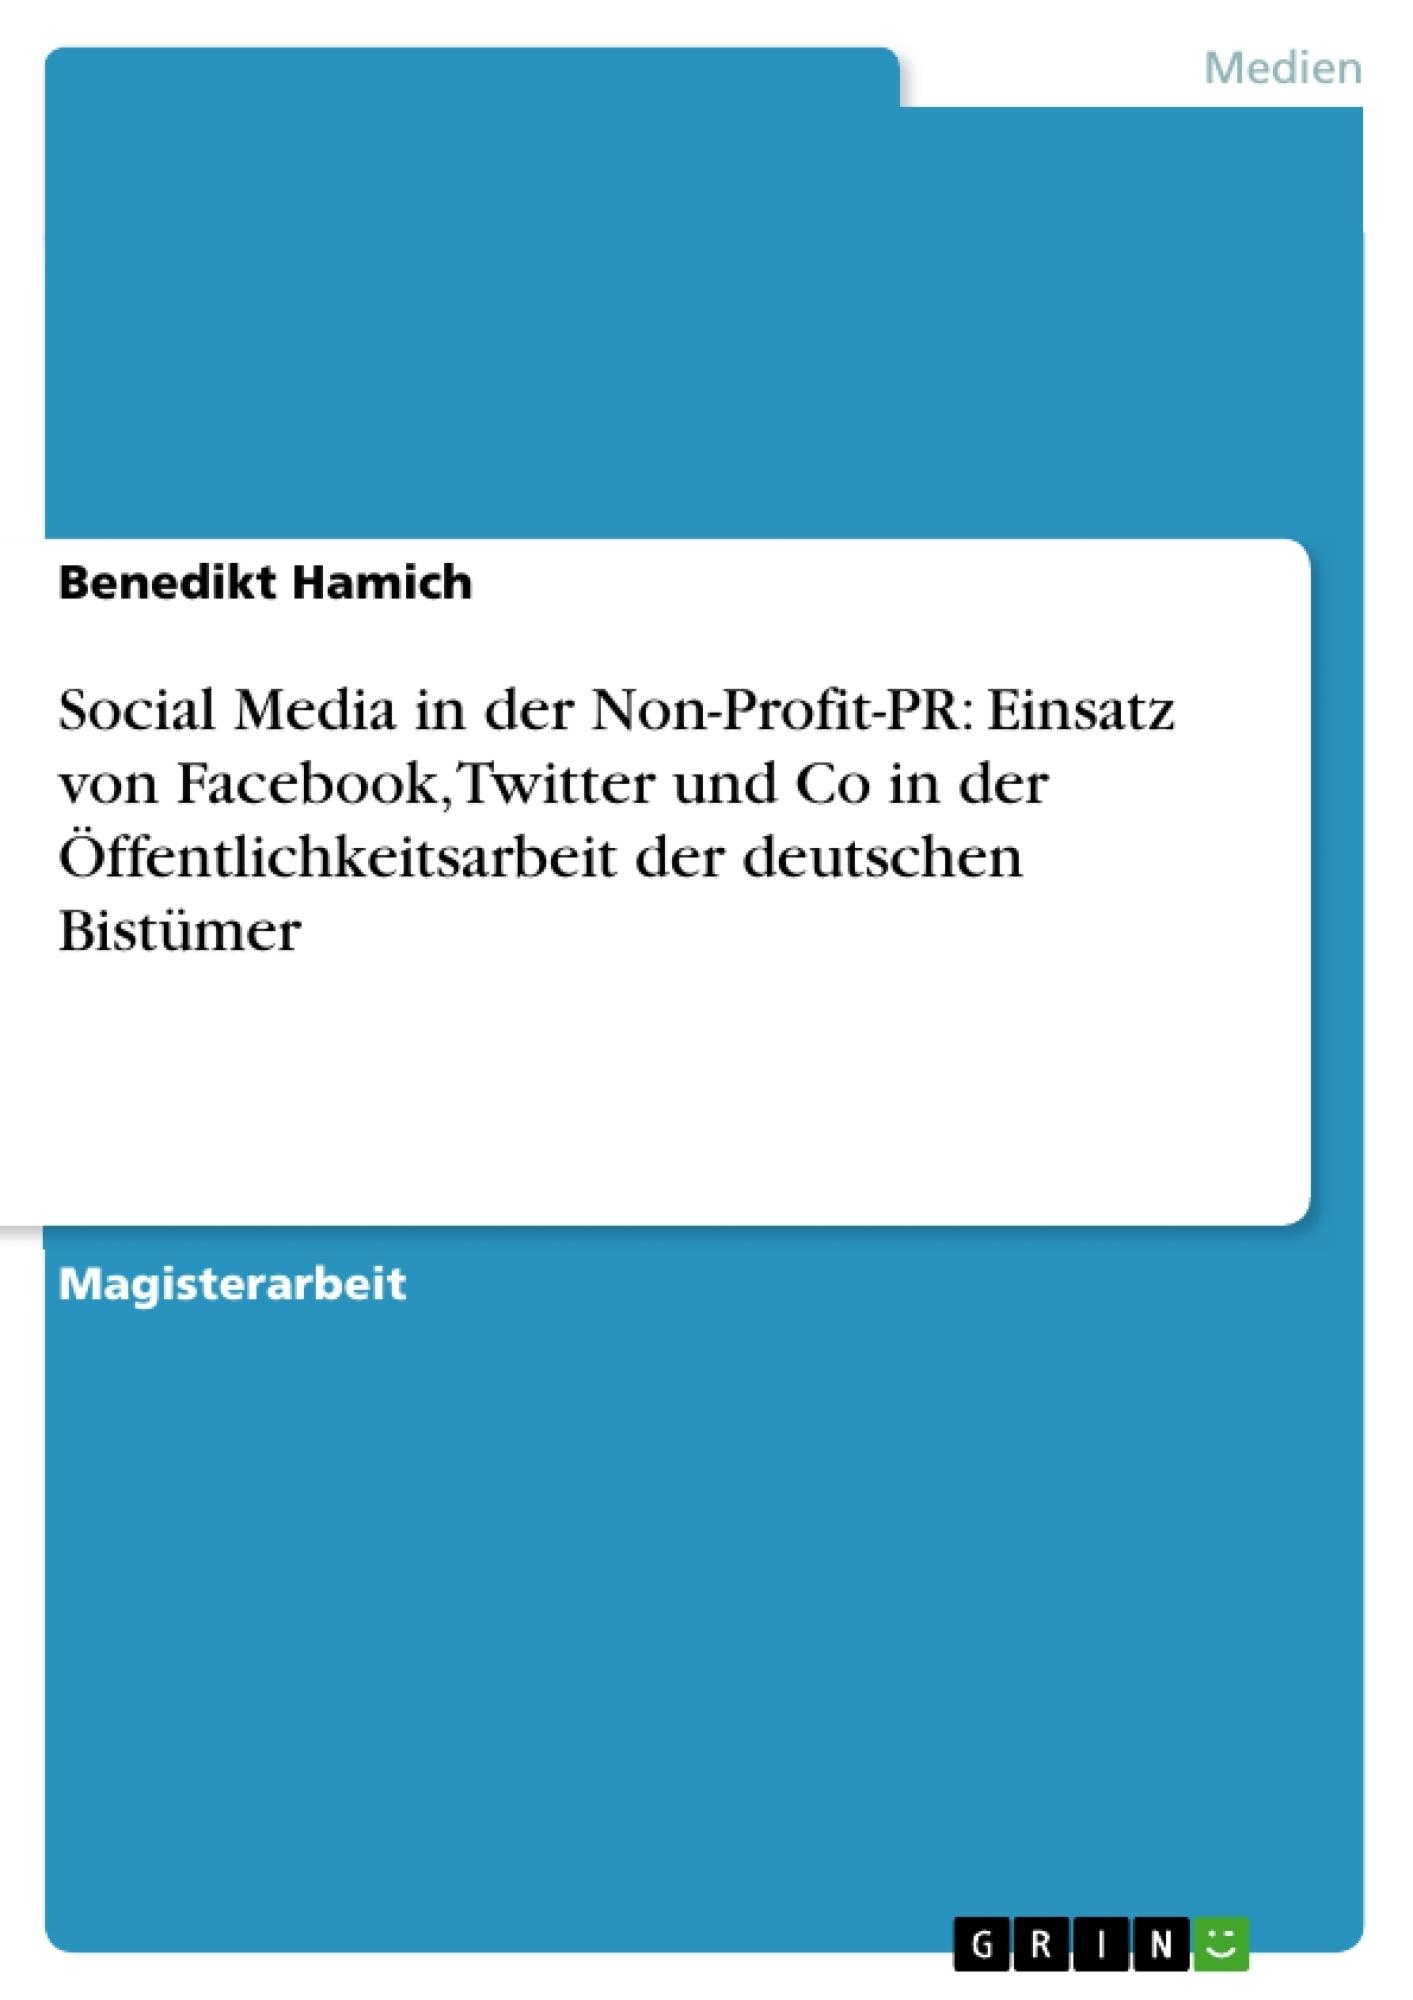 Titel: Social Media in der Non-Profit-PR: Einsatz von Facebook, Twitter und Co in der Öffentlichkeitsarbeit der deutschen Bistümer